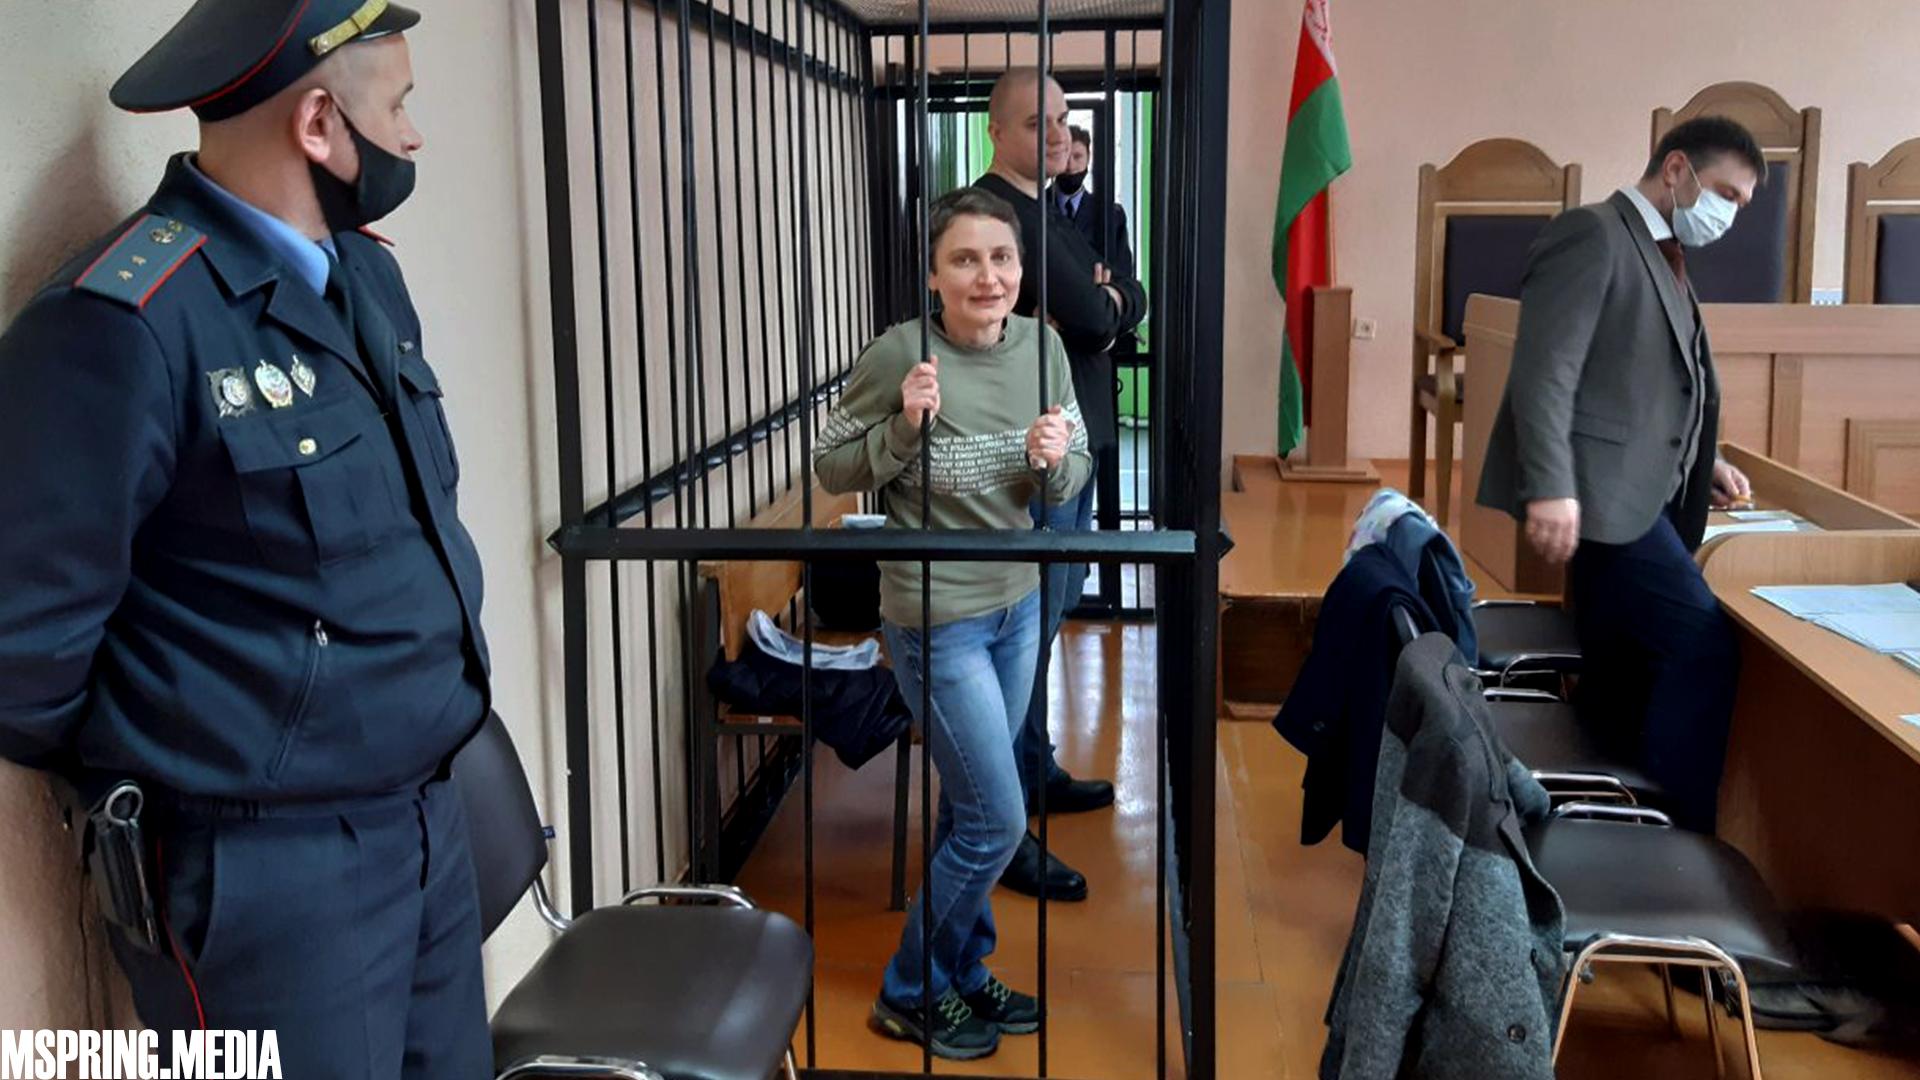 Магілёўская «справа лялек»: хітрасць СК, жорсткасць пракуратуры, хутка – суд па новым эпізодзе